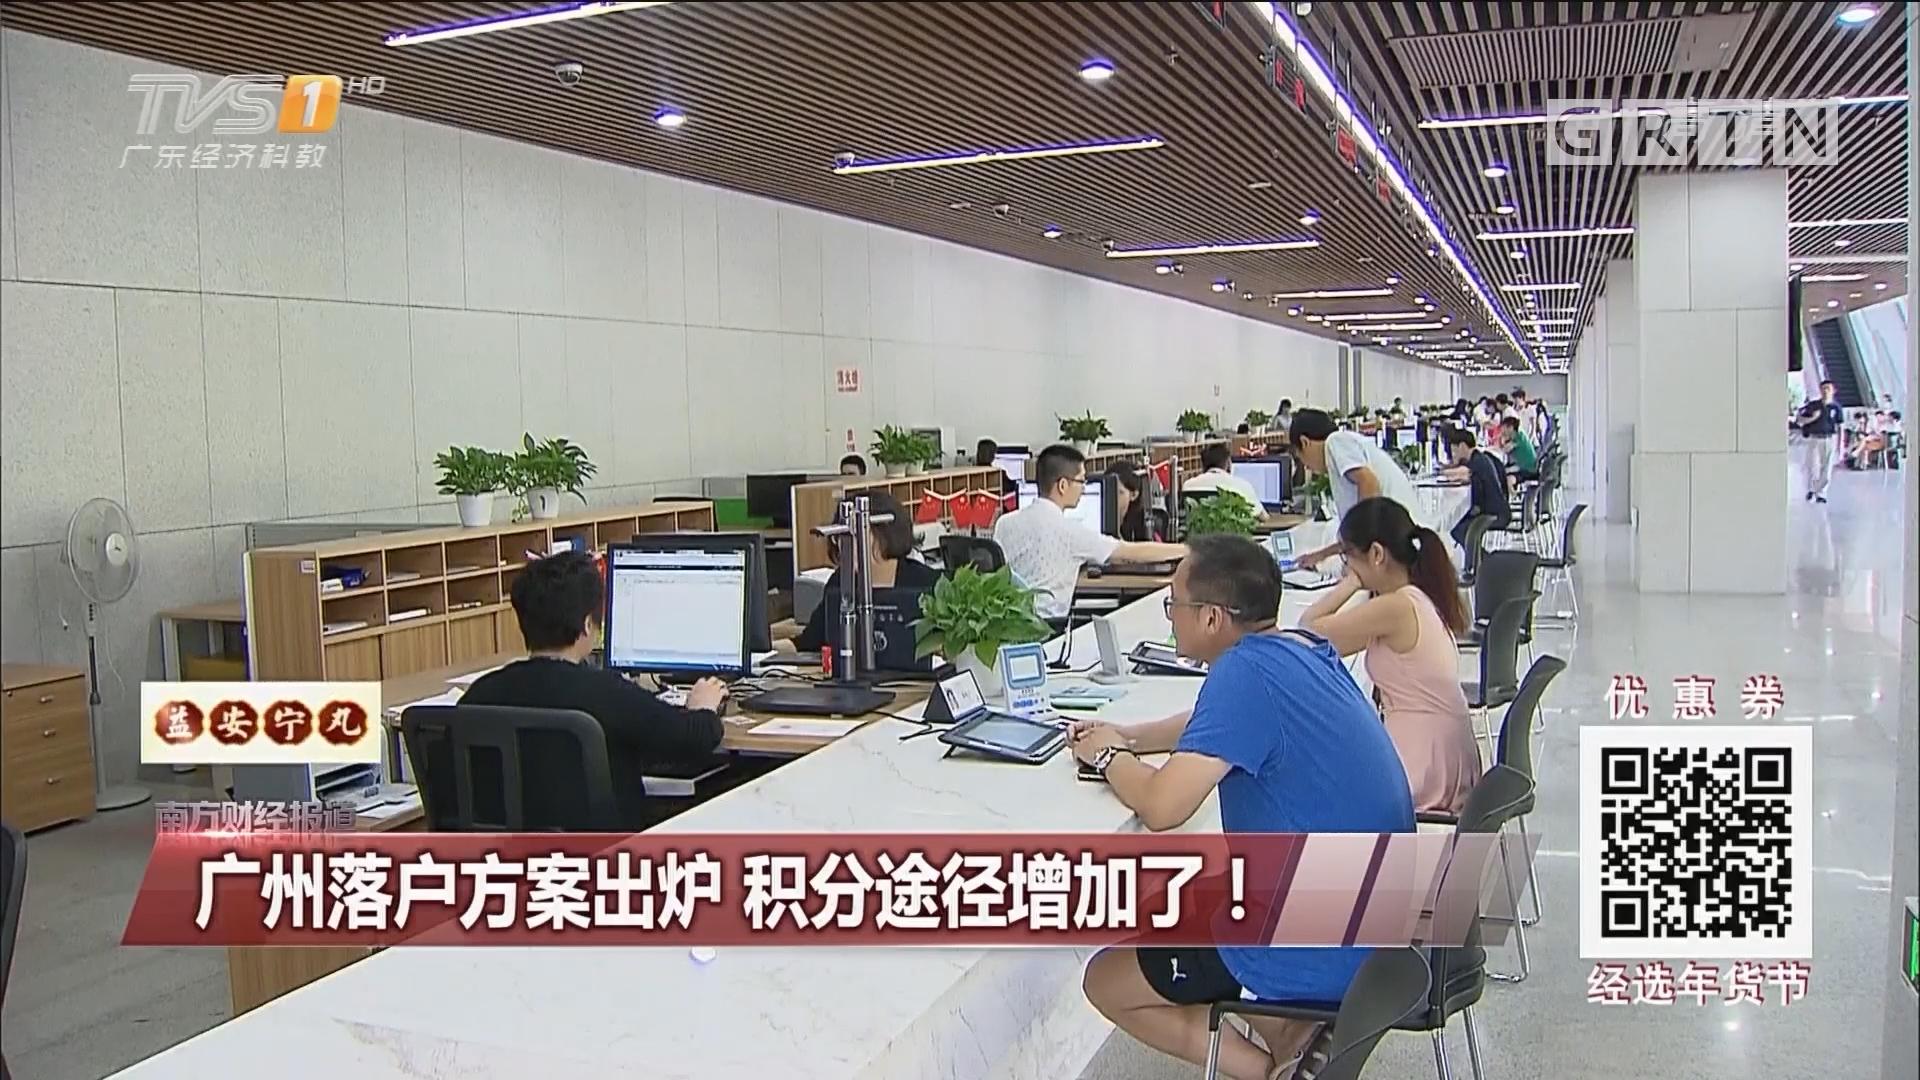 广州落户方案出炉 积分途径增加了!